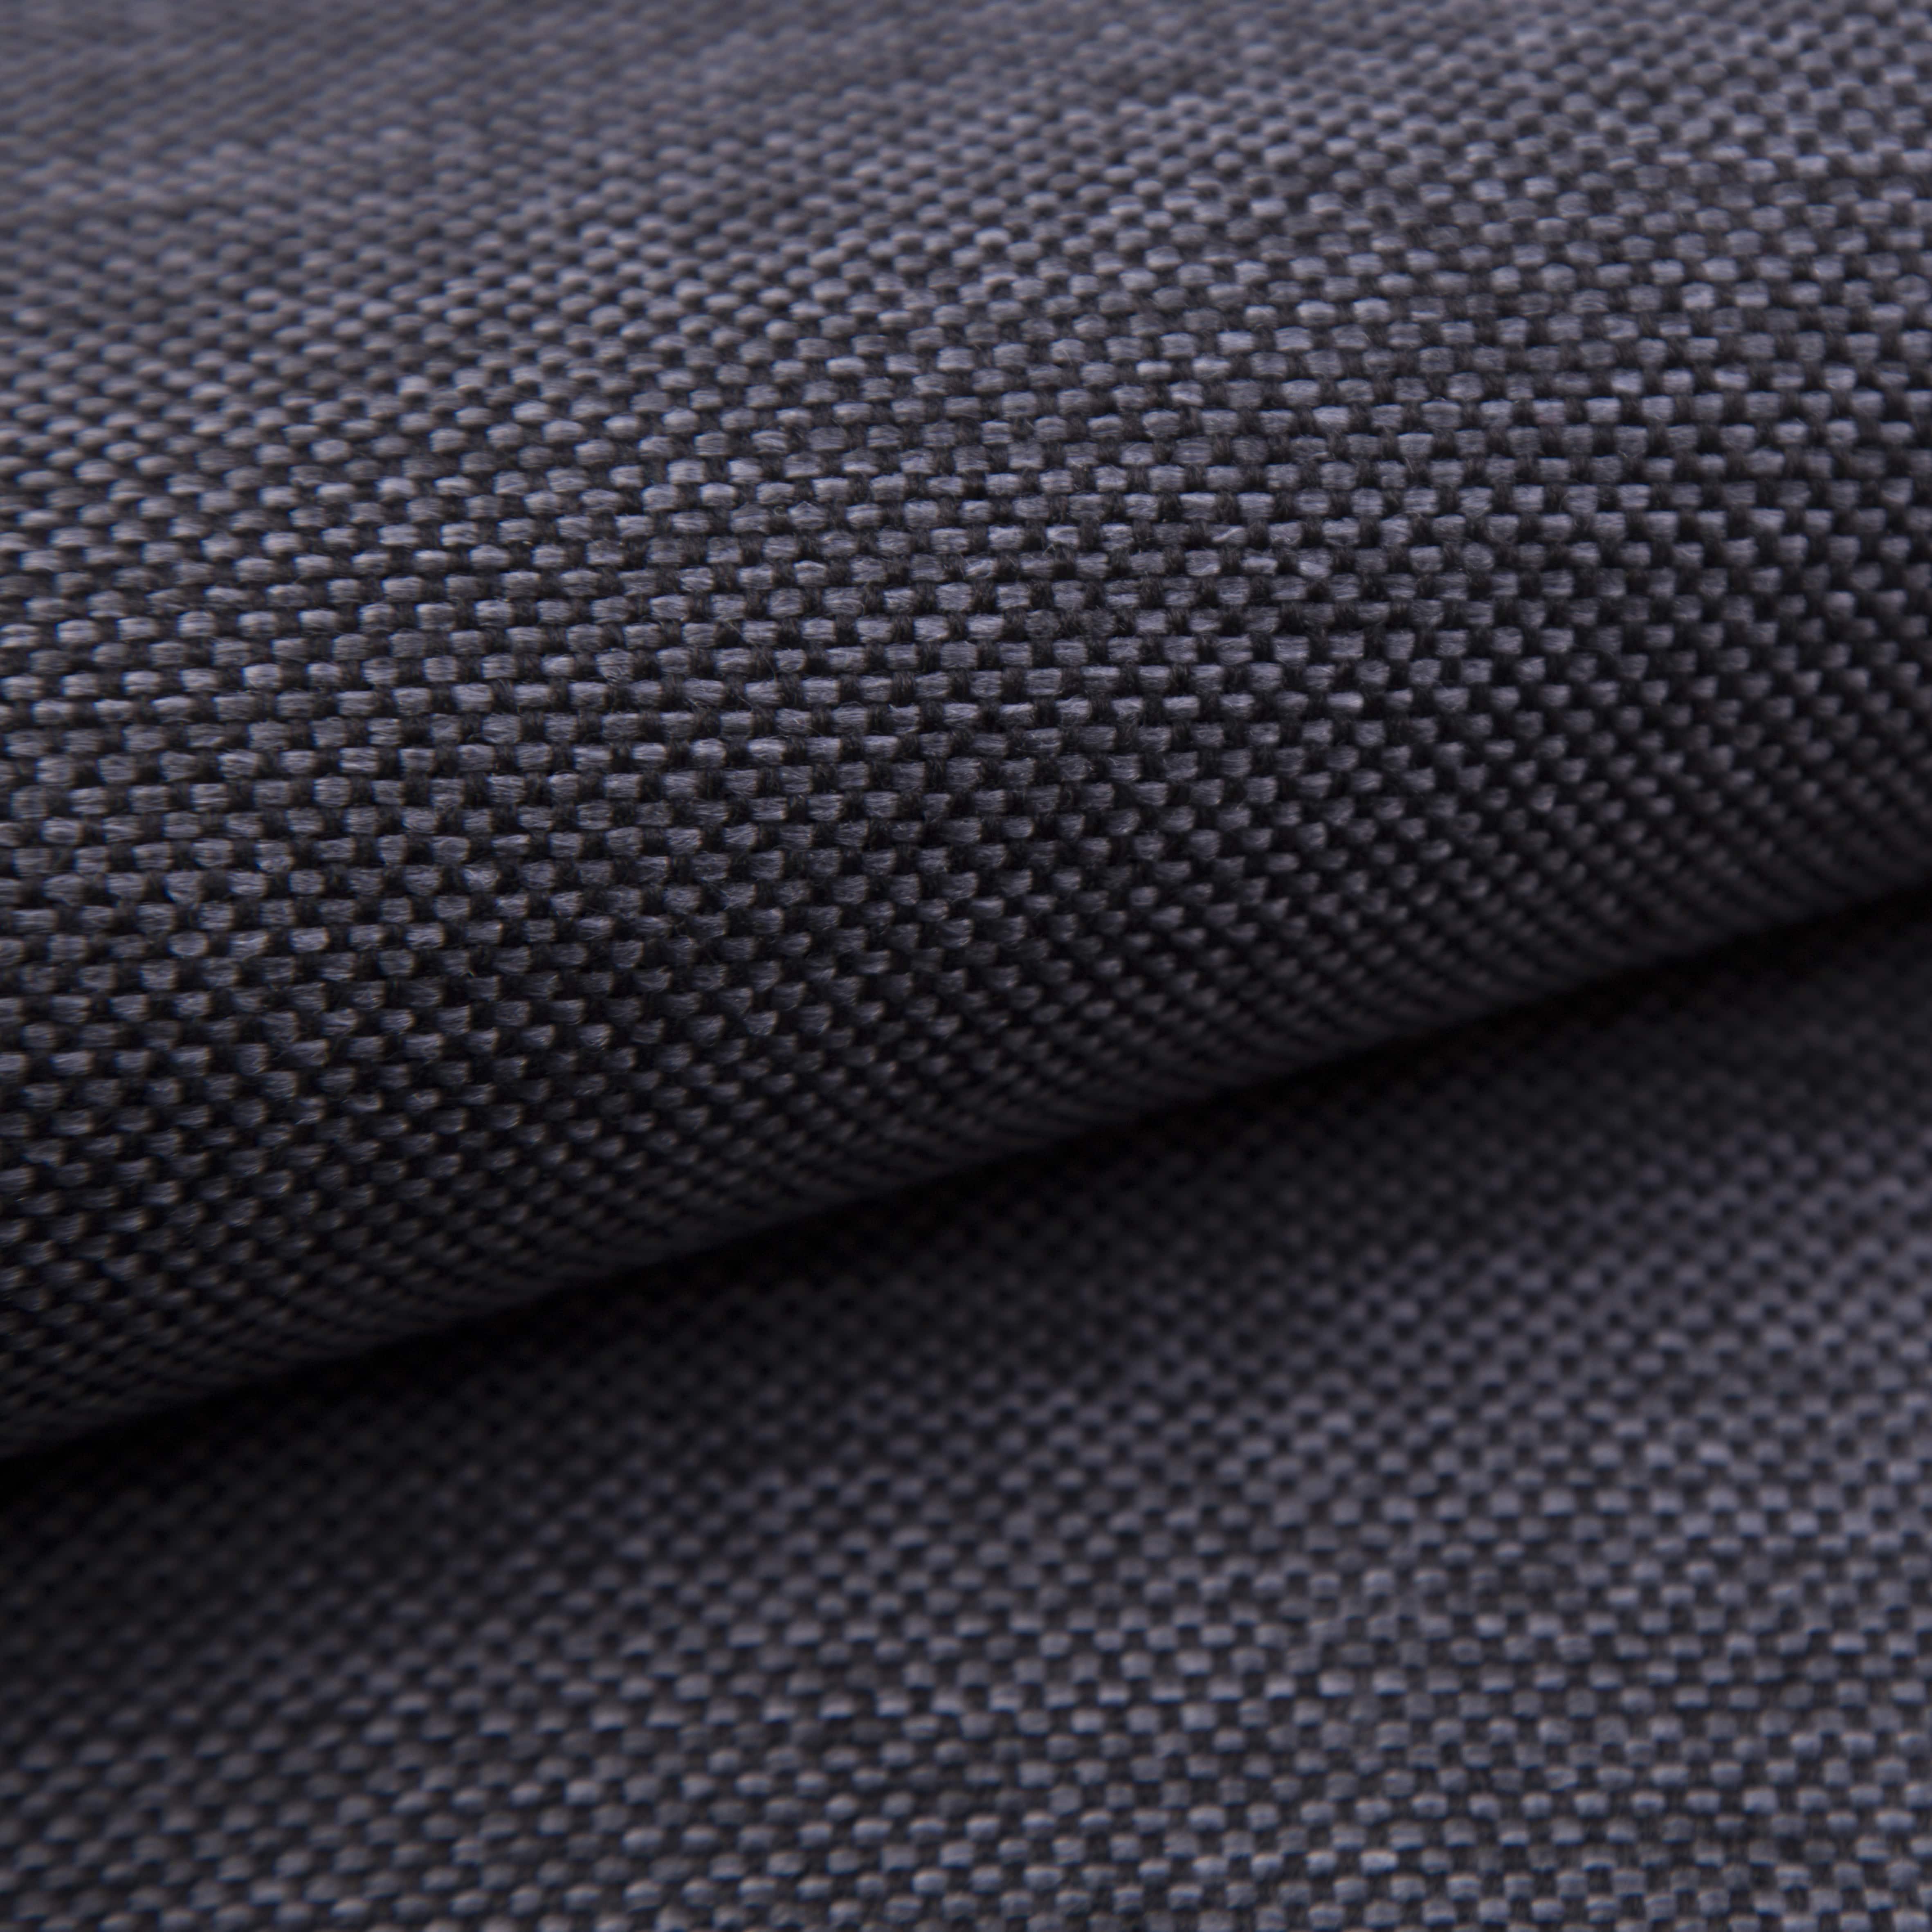 Laufmeterstoff Polyester - MUNA 12